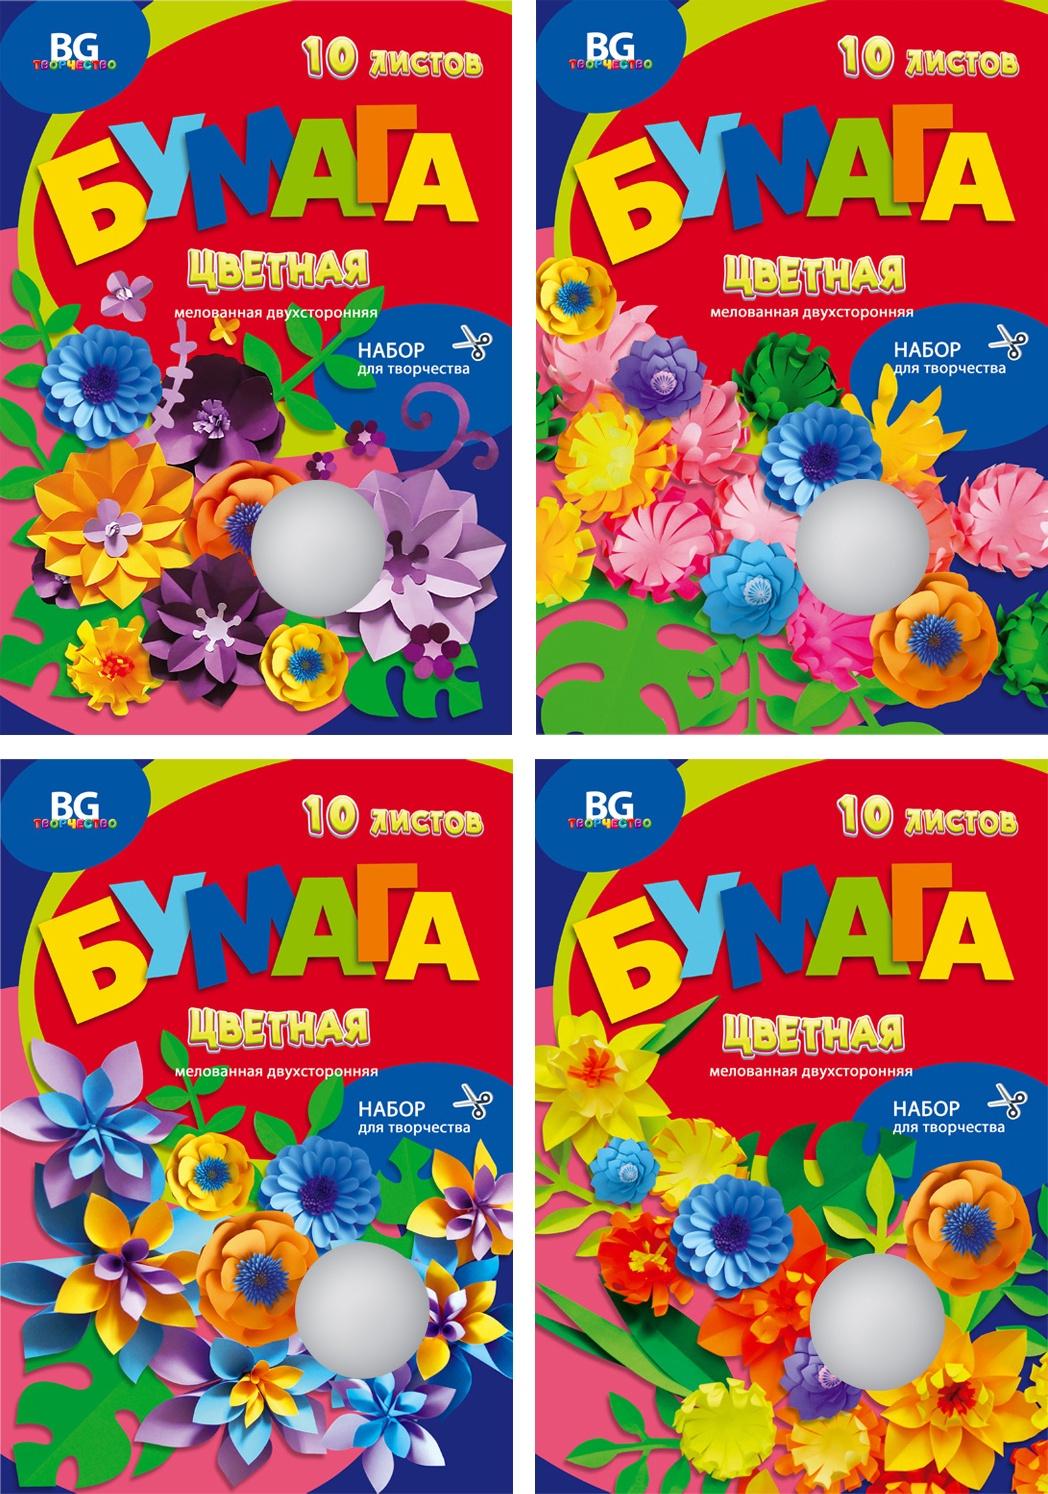 Набор цветной мелованной двухсторонней бумаги BG формата А4 в папке, 10 листов